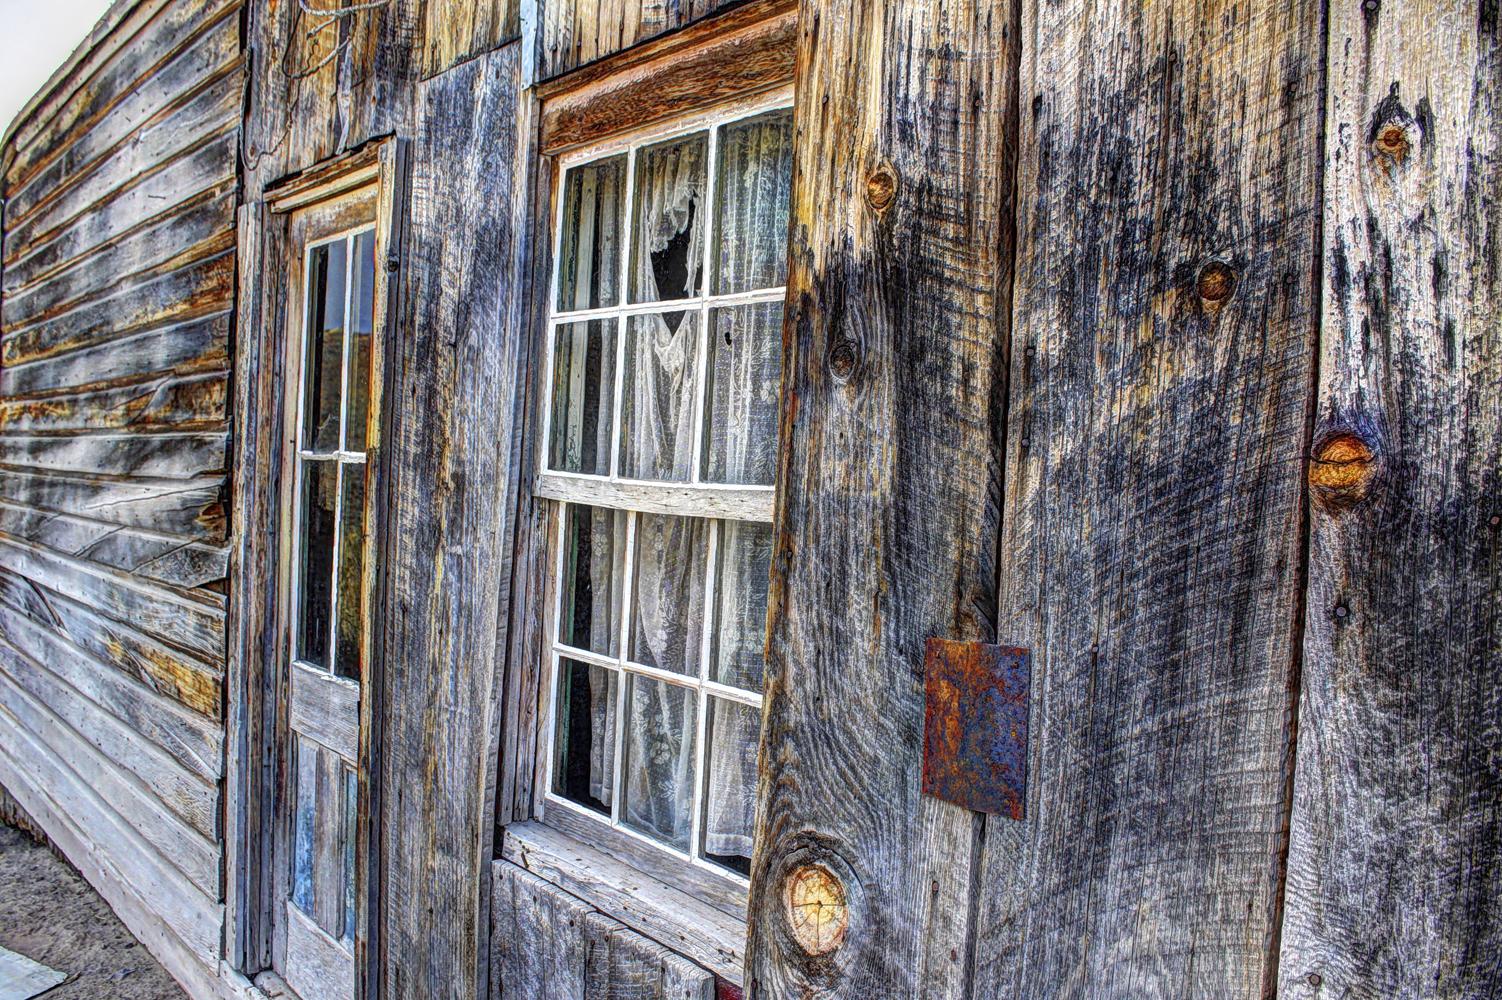 Bodie Window Door, Bodie, California